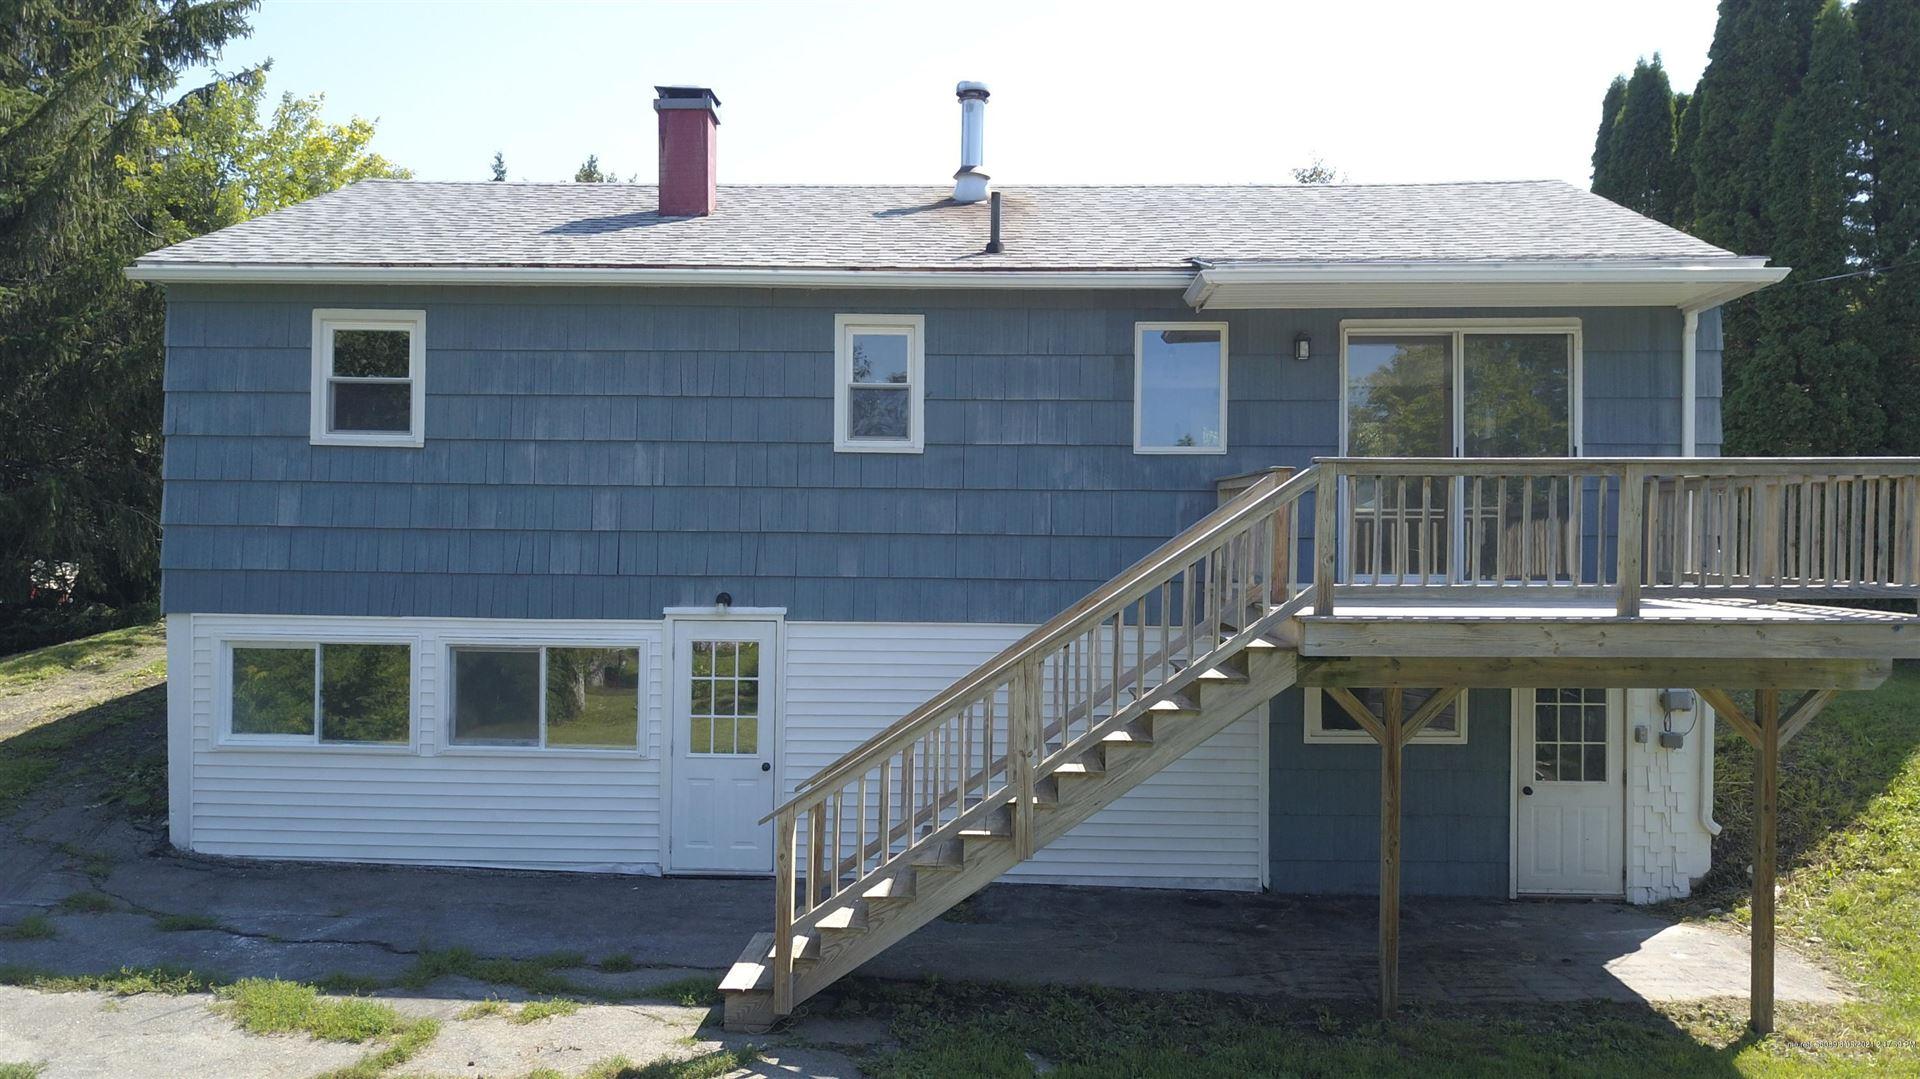 Photo of 114 Dudley Street, Presque Isle, ME 04769 (MLS # 1503494)